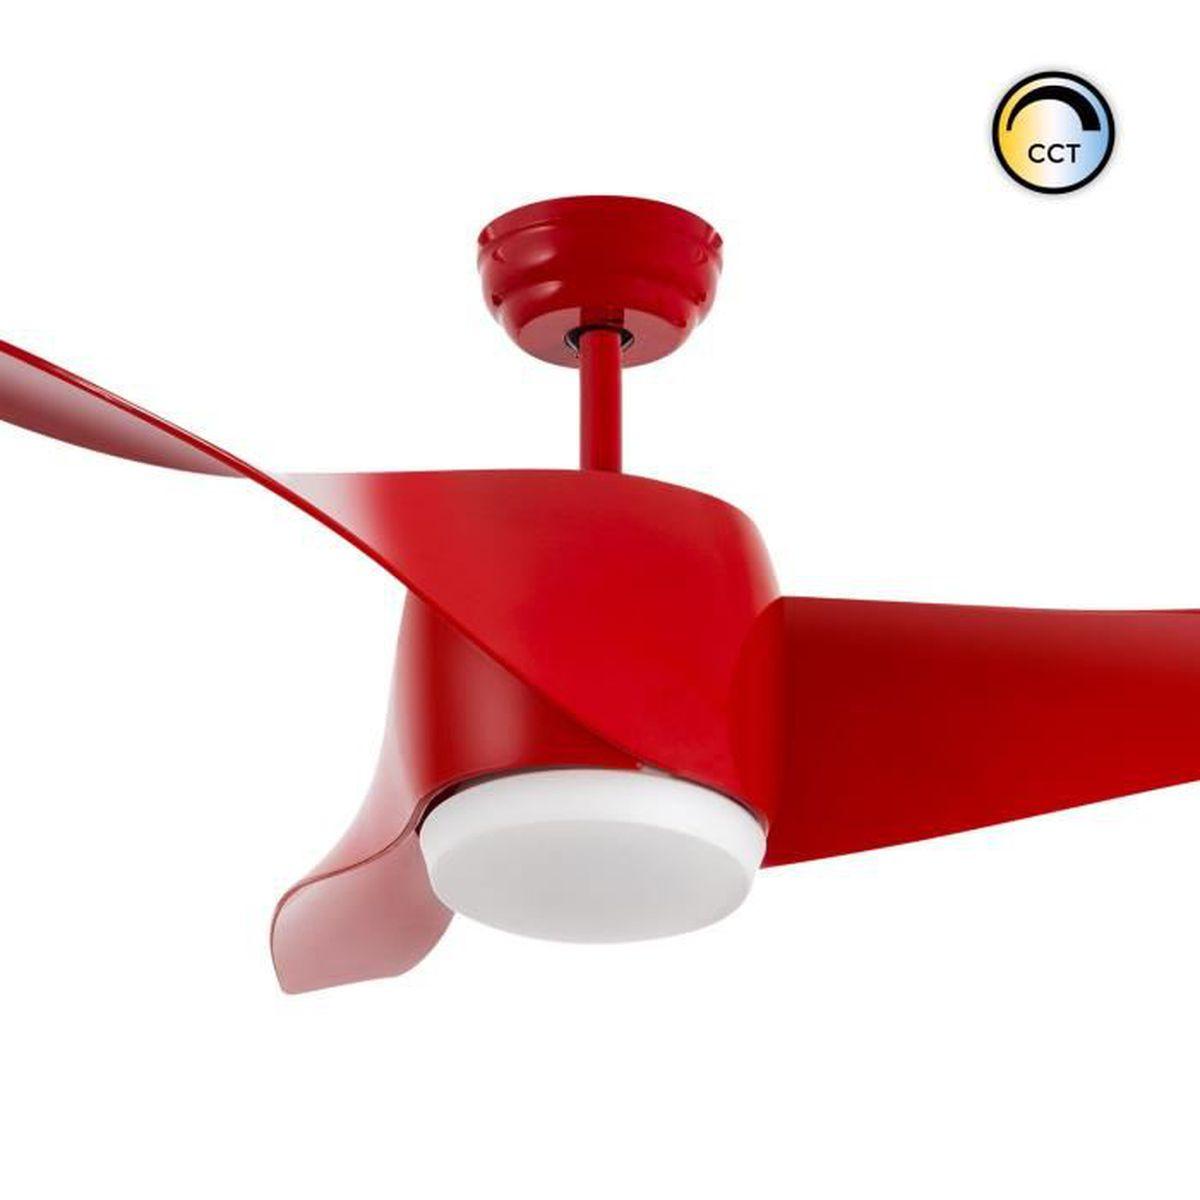 Couleur Avec Du Rouge ventilateur de plafond led hellice avec tª couleur